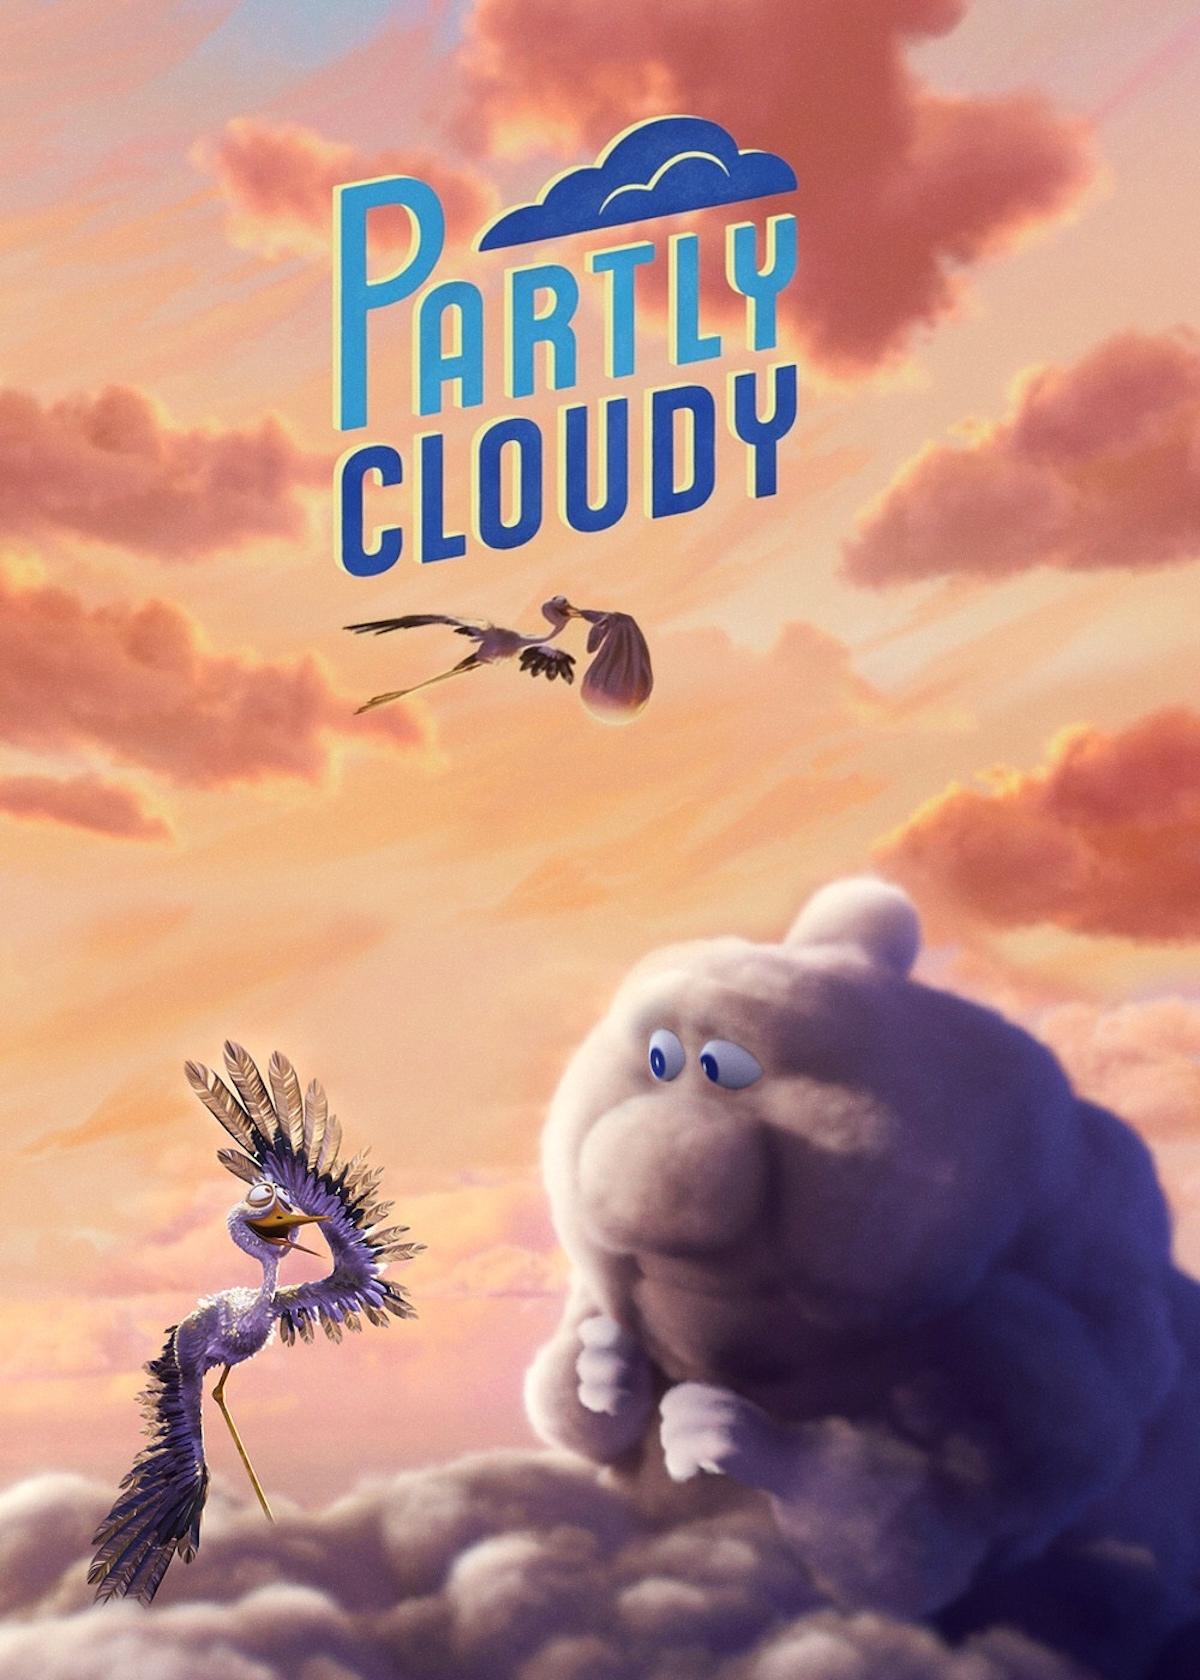 Pixar met en scène des nuages et des cigognes qui apportent la vie sur Terre ! By Mélissa N.   Partly-cloudy-pixar-nuages-cigognes-vie-6